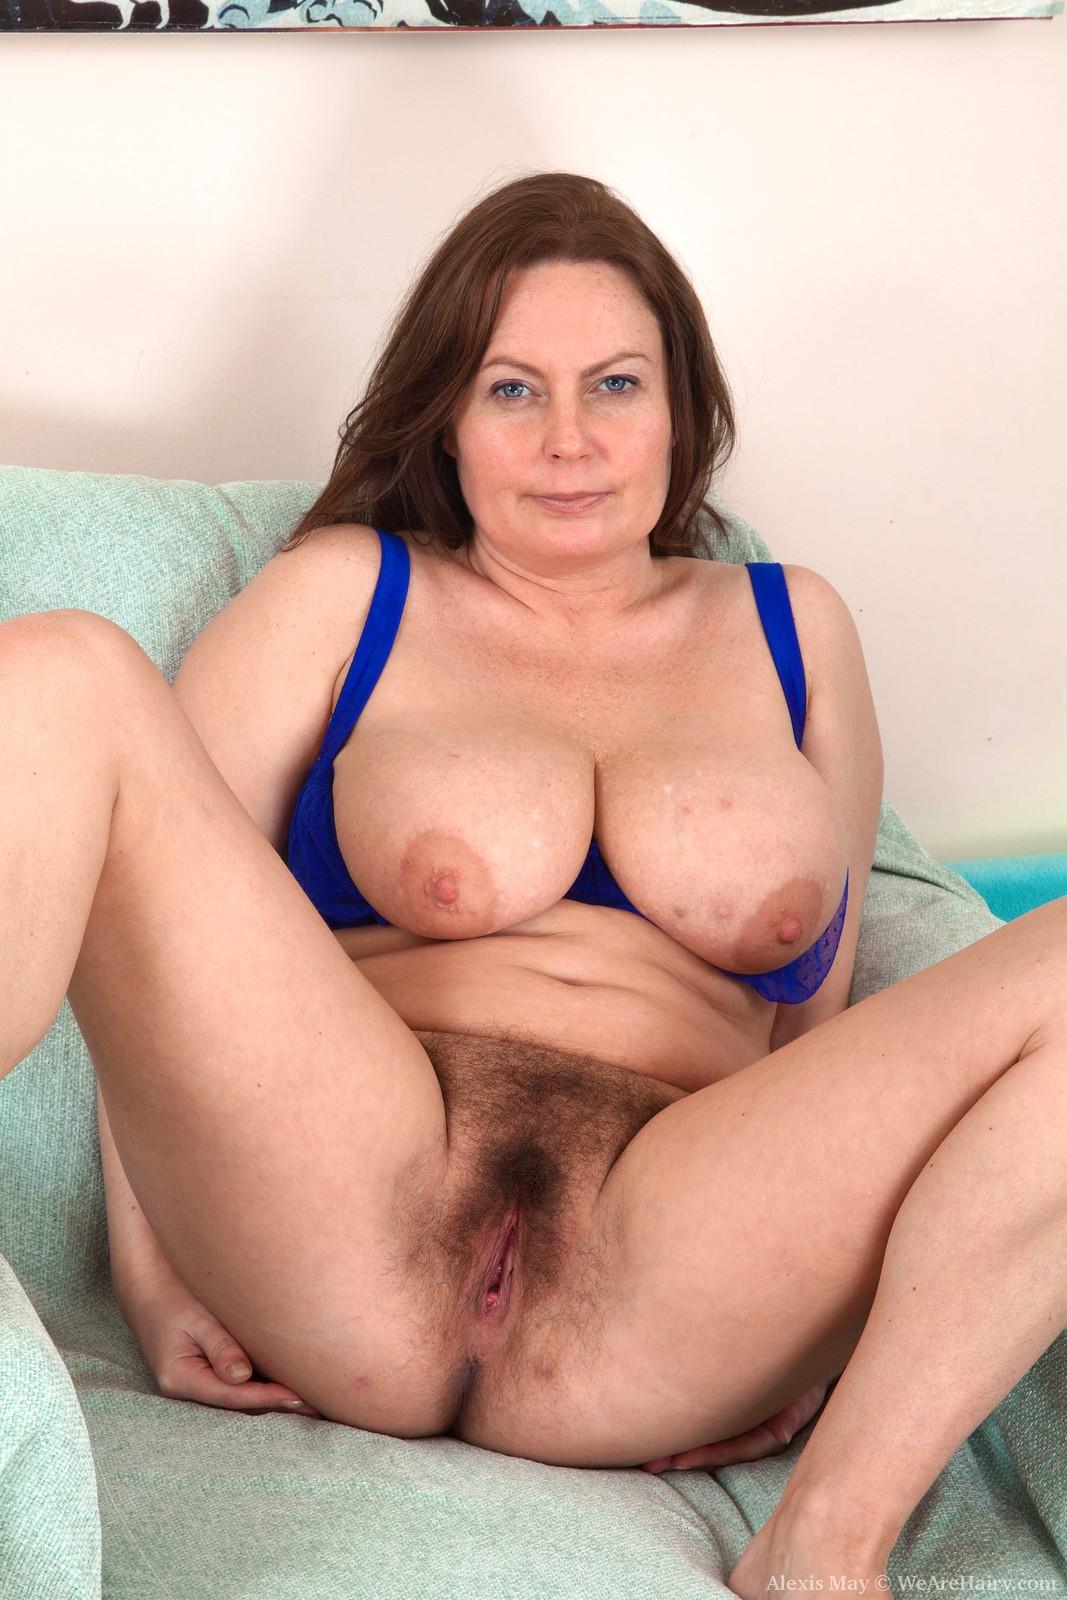 Alexis may porn pics